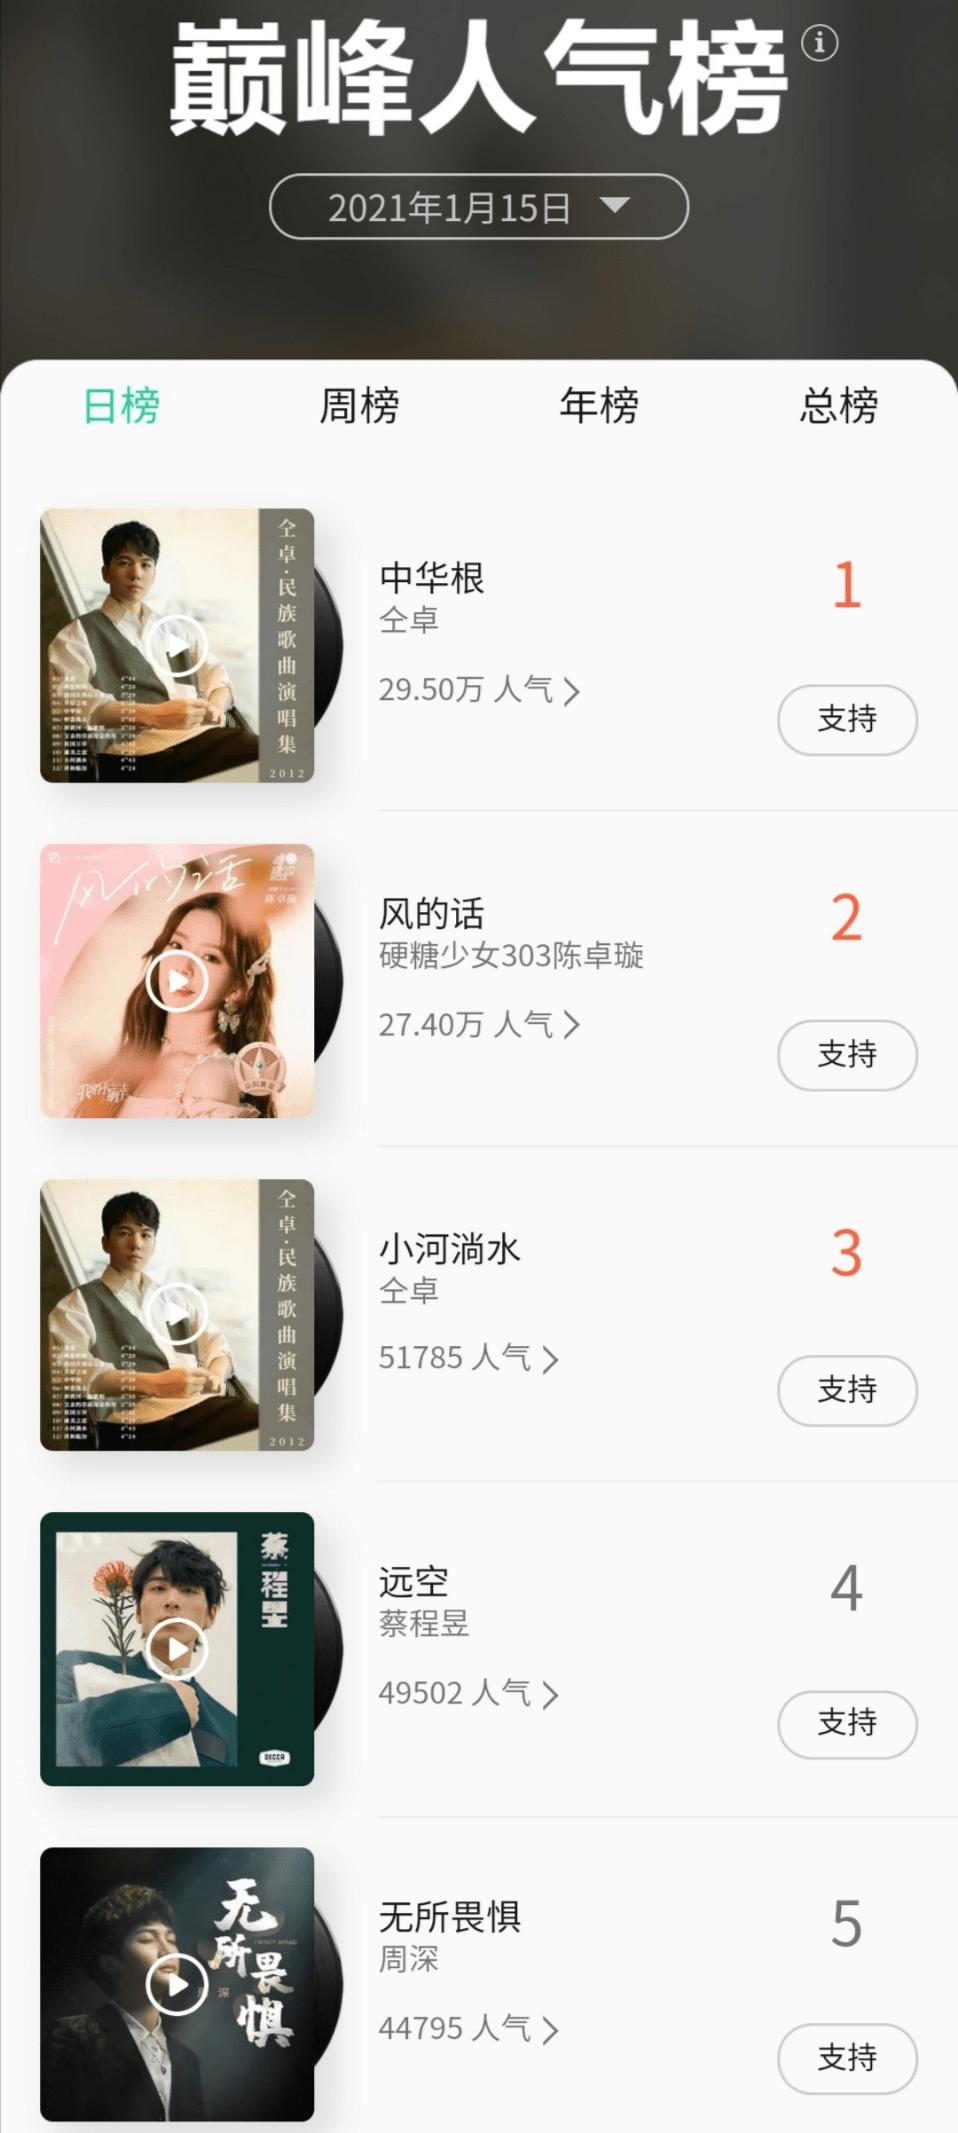 仝卓高三时期专辑屠榜QQ音乐 周榜前30狂揽12席